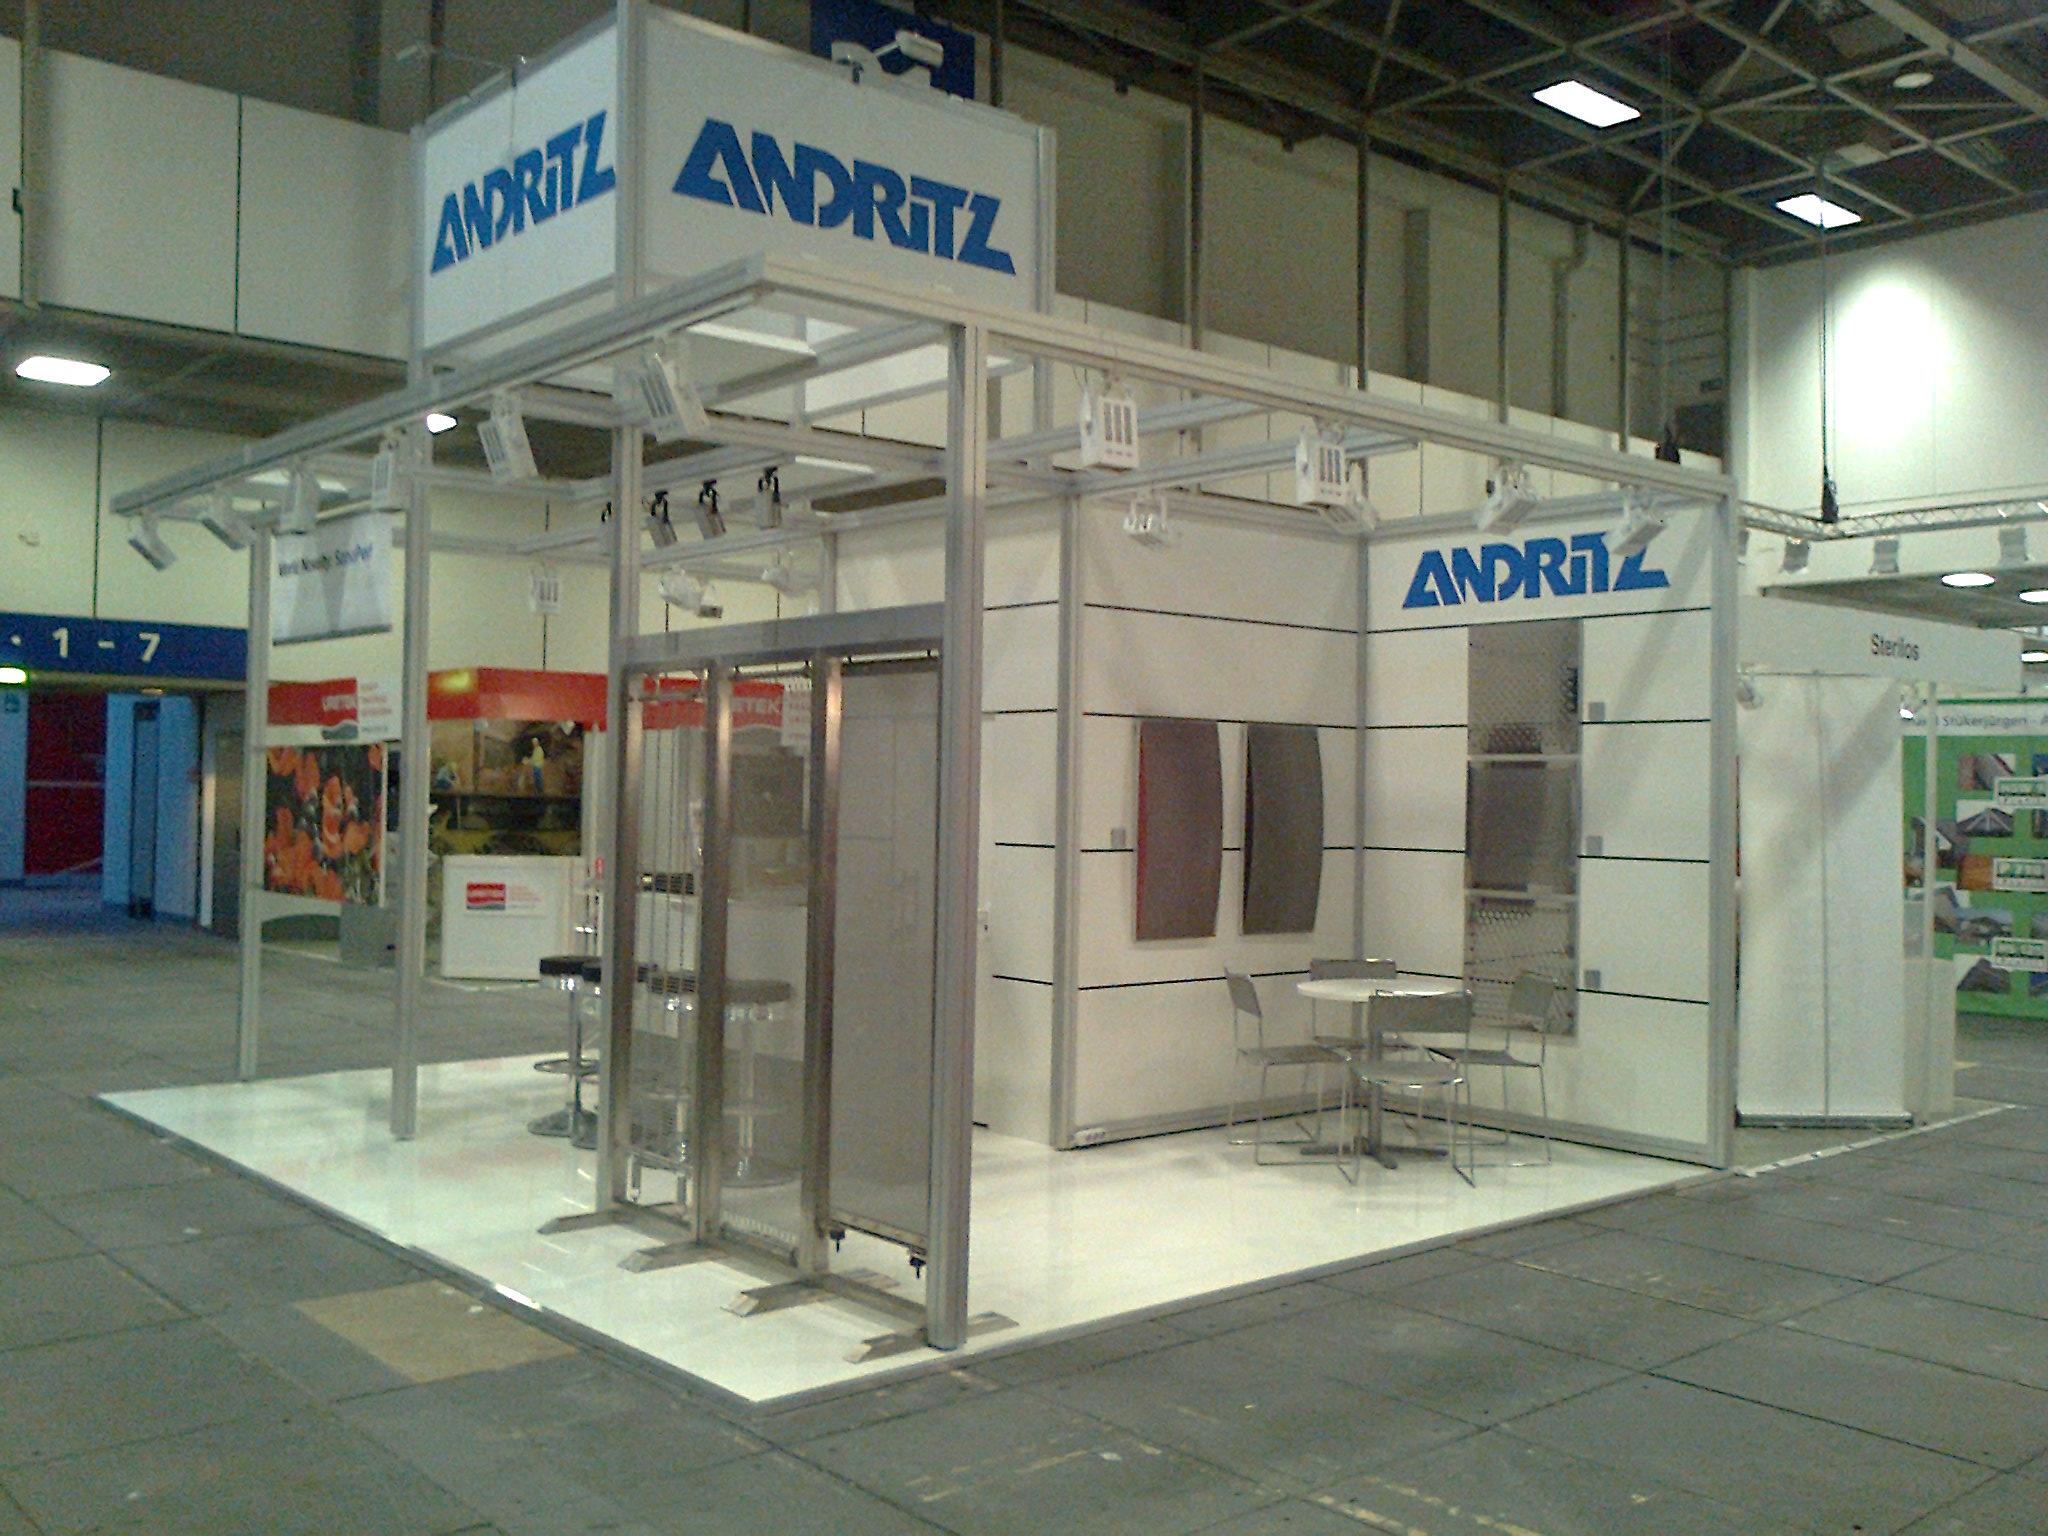 71_Andritz